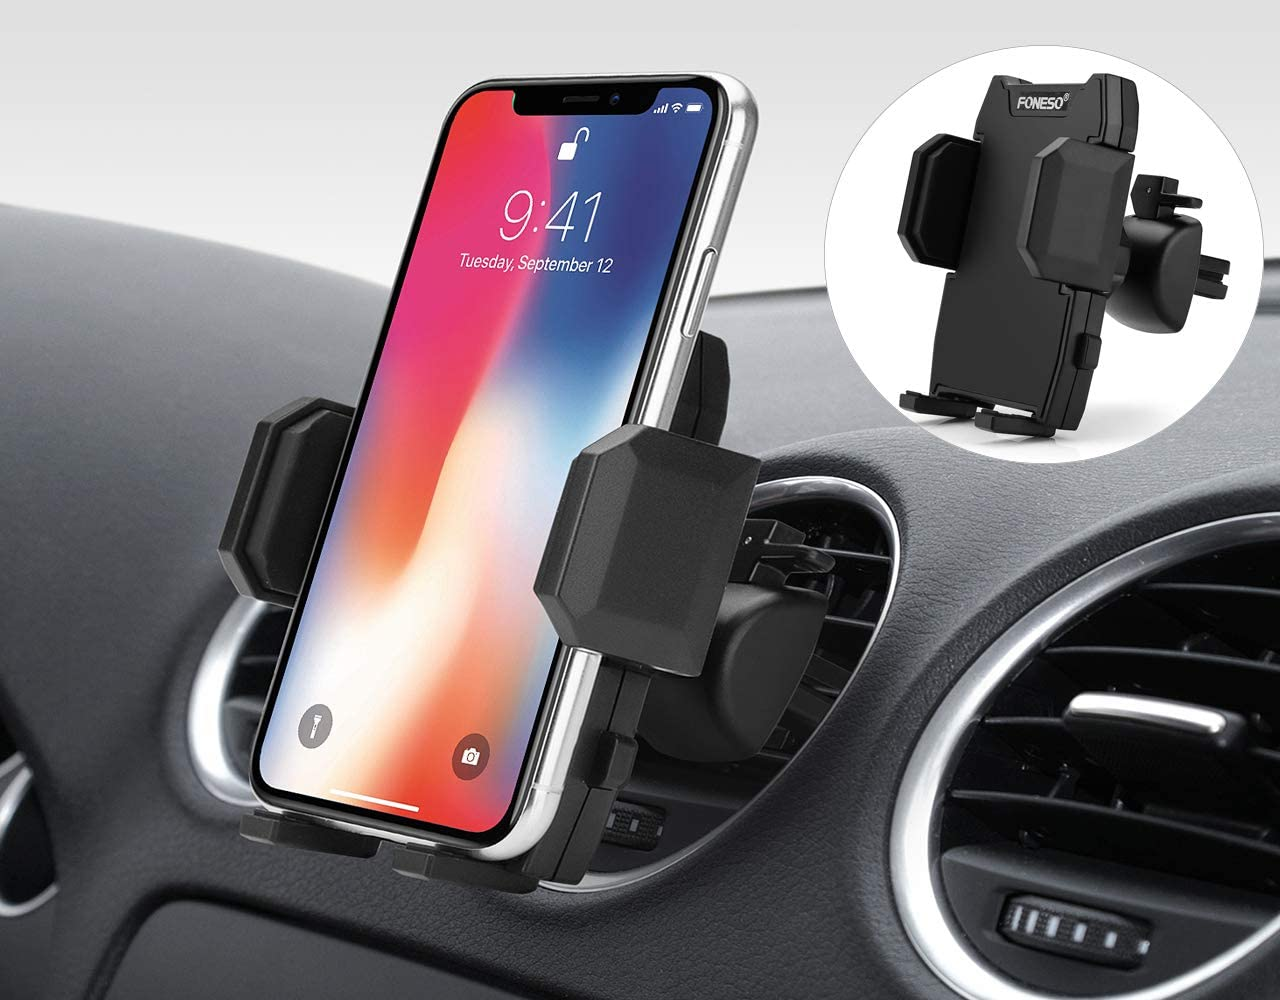 Foneso Soporte Movil Coche, Soporte Celular Universal Rejilla Ventilación con Rotación 360 Grados y Abrazadera Ajustable para iPhone 11 XS MAX/XR/X Samsung S10/S9/S8 Huawei P30pro